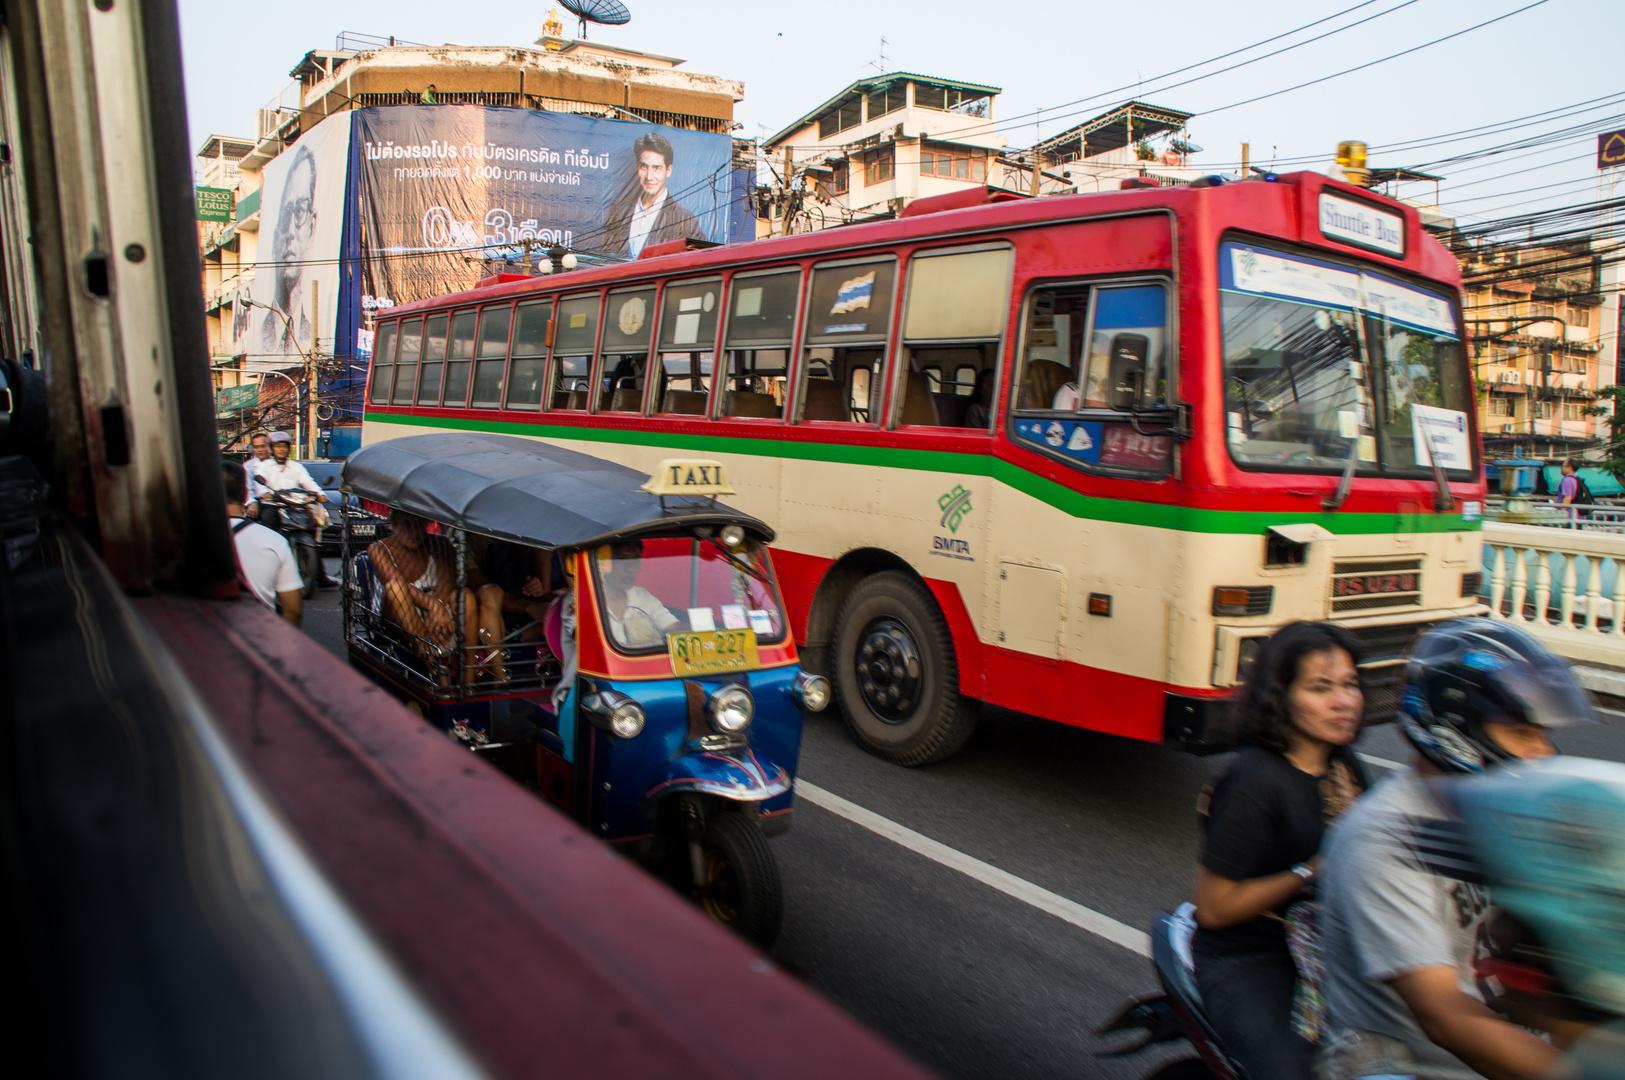 Streets of Bangkok 1